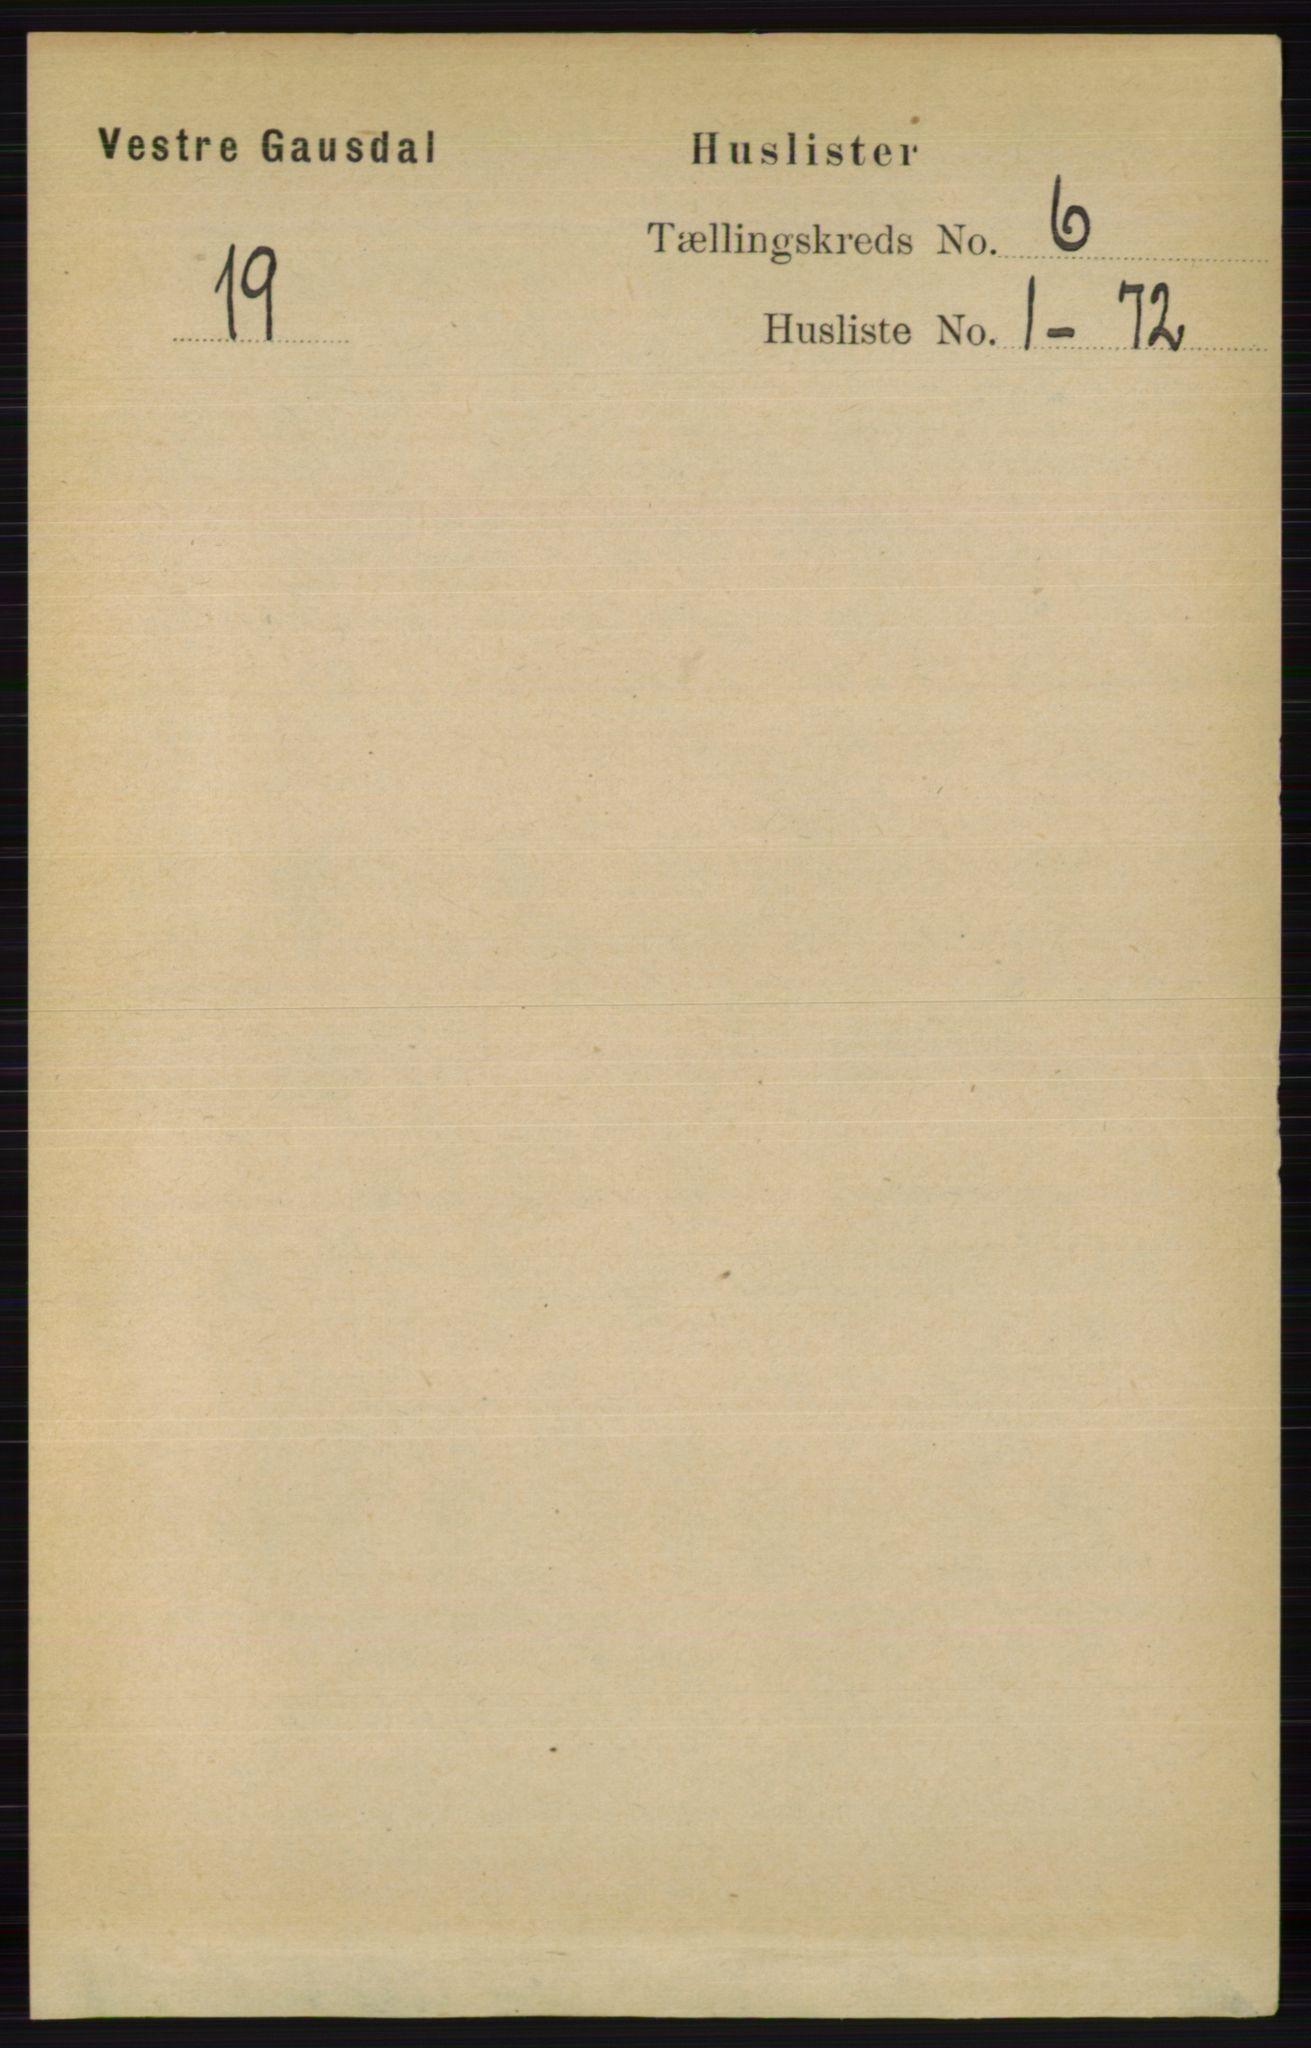 RA, Folketelling 1891 for 0523 Vestre Gausdal herred, 1891, s. 2478